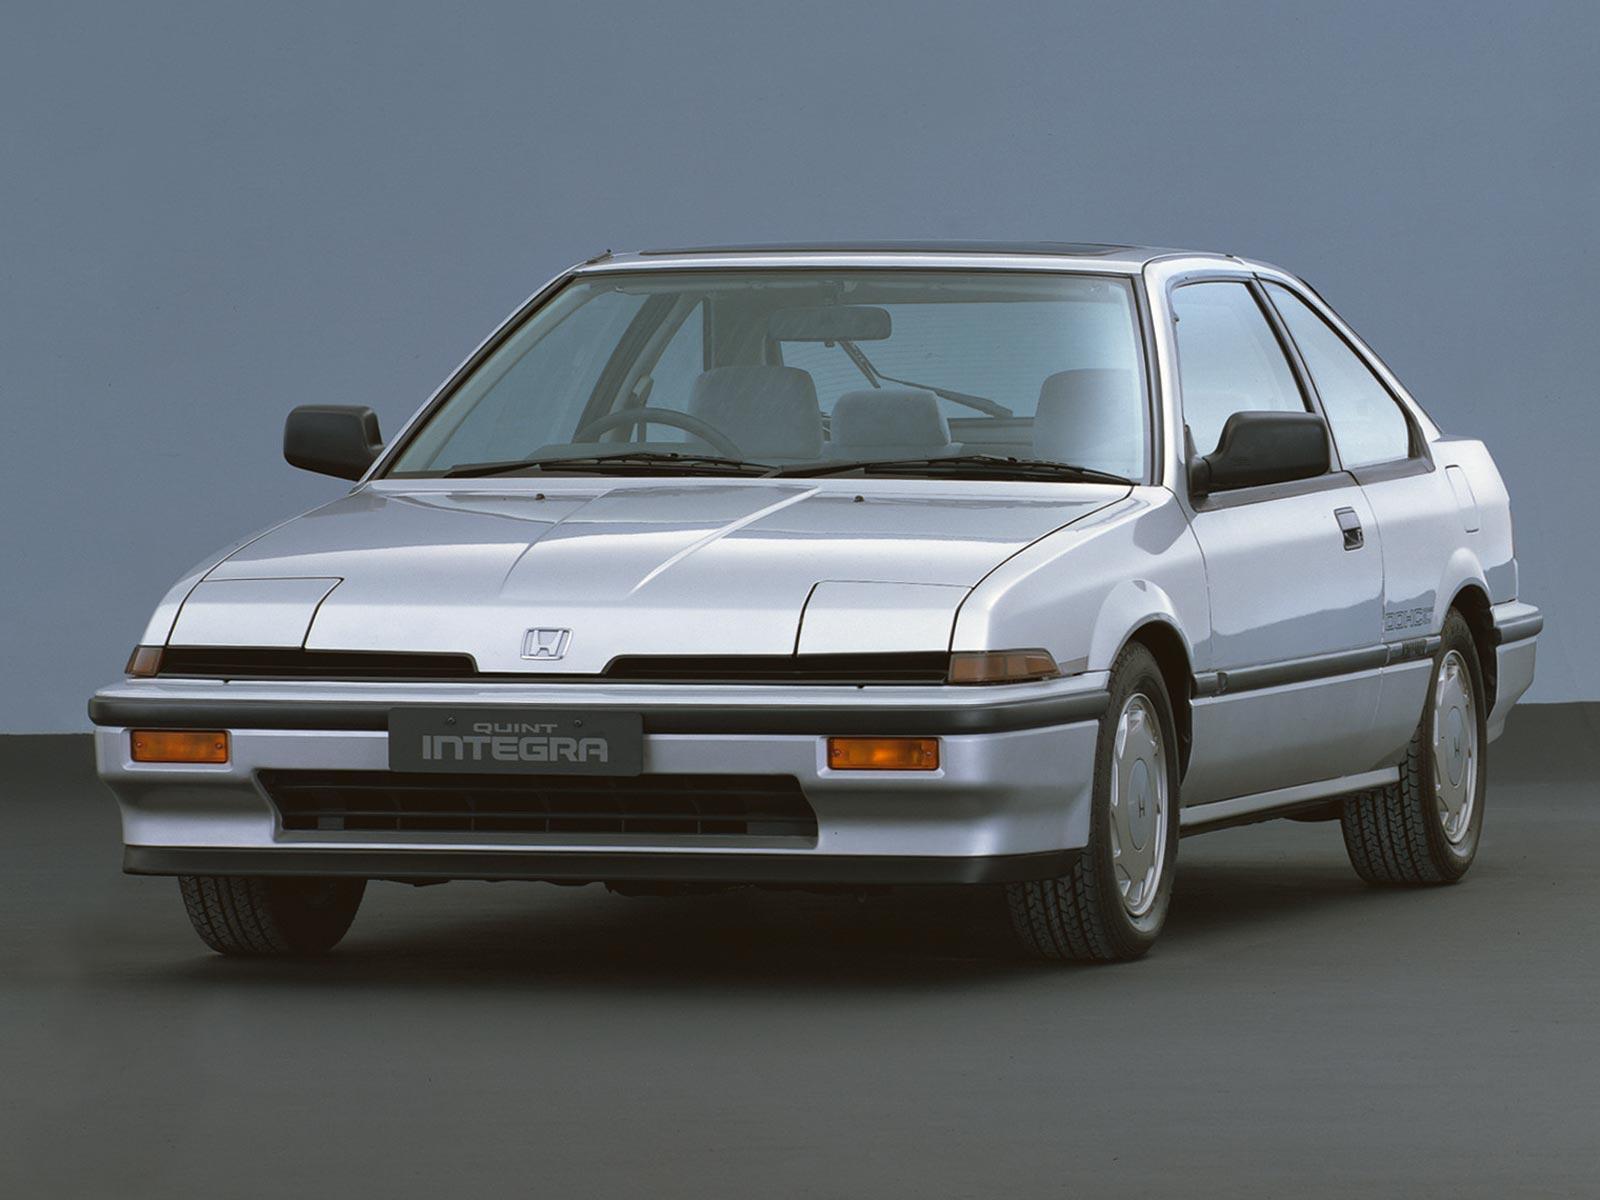 1989 Acura Integra >> 1985 - 1989 Honda Quint Integra Coupé | Autoguru-Katalog.at